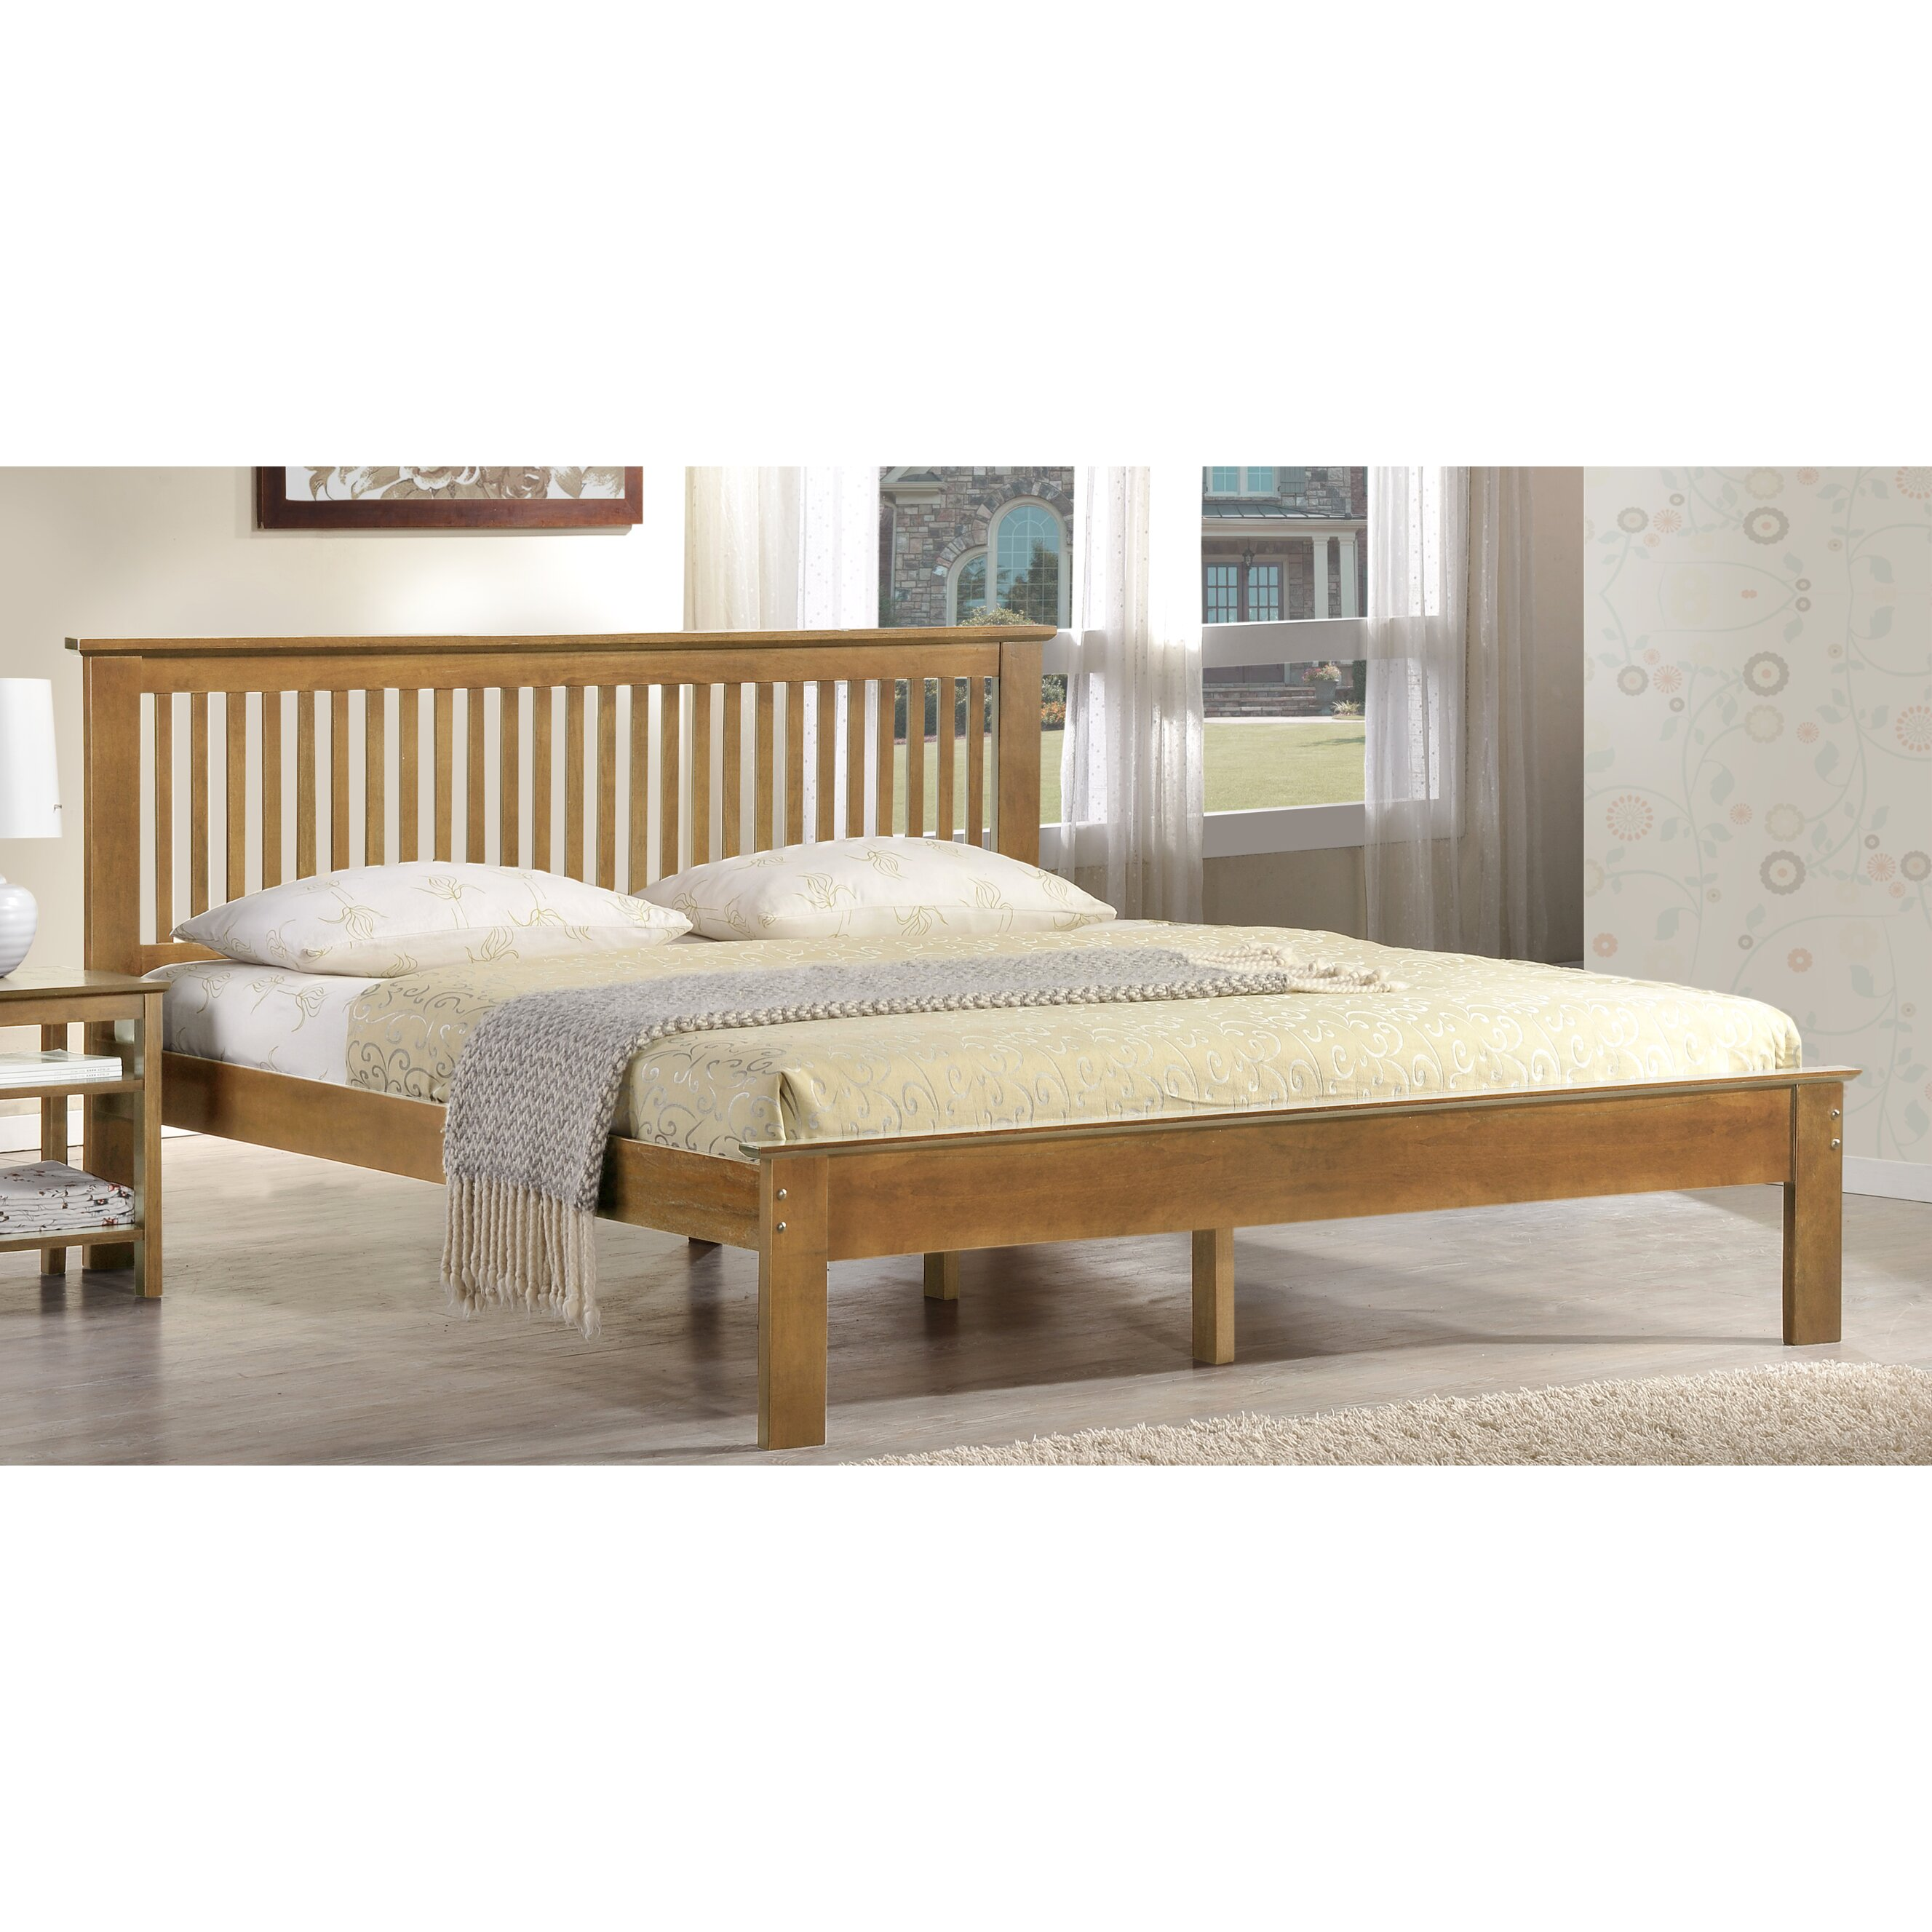 Prestington Leura Bed Frame & Reviews